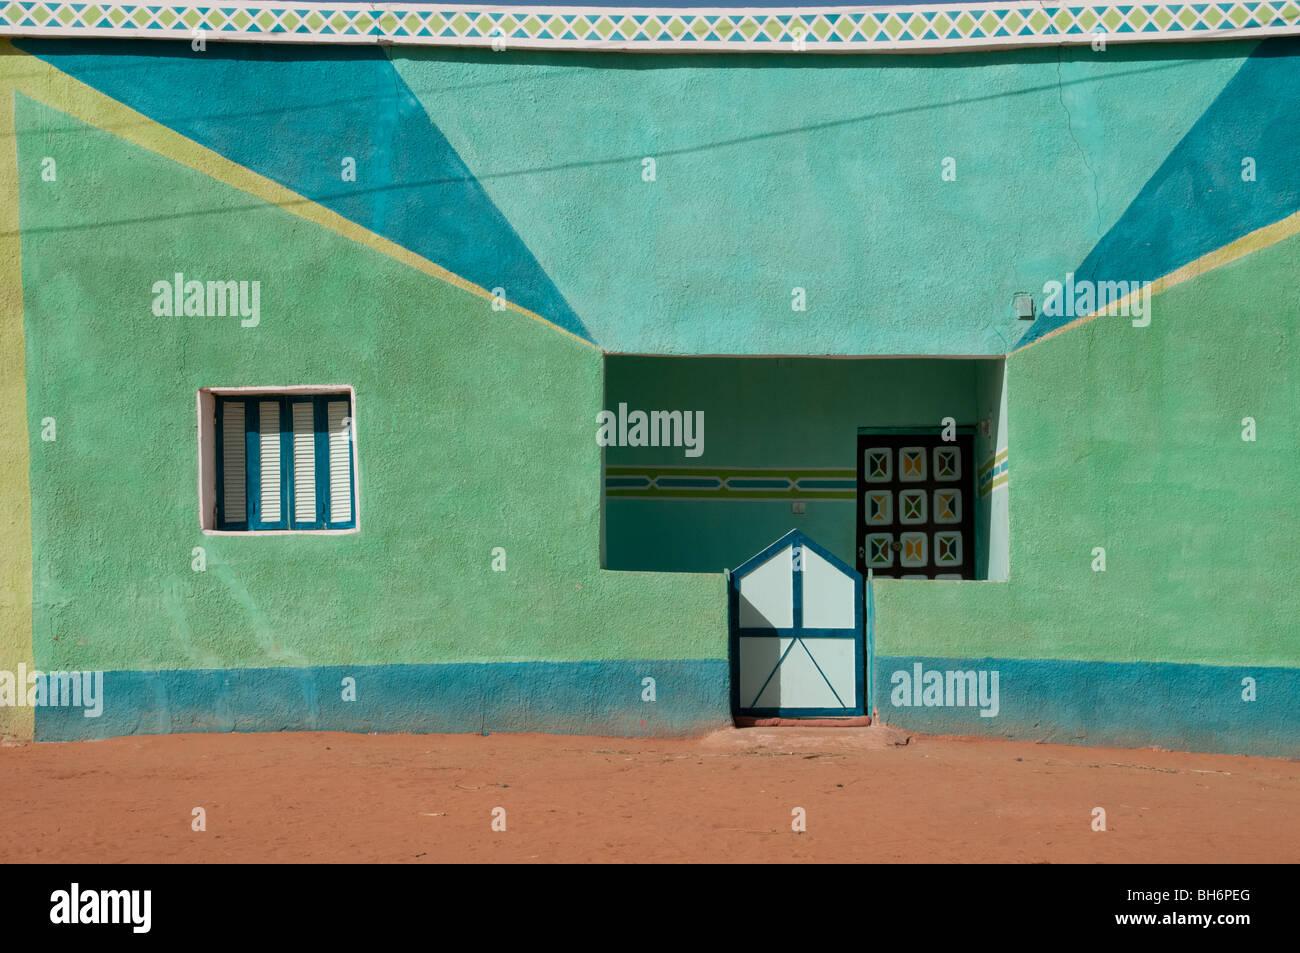 Una colorida casa en la aldea del desierto de Egipto de Balat, en Dakhla Oasis. Imagen De Stock